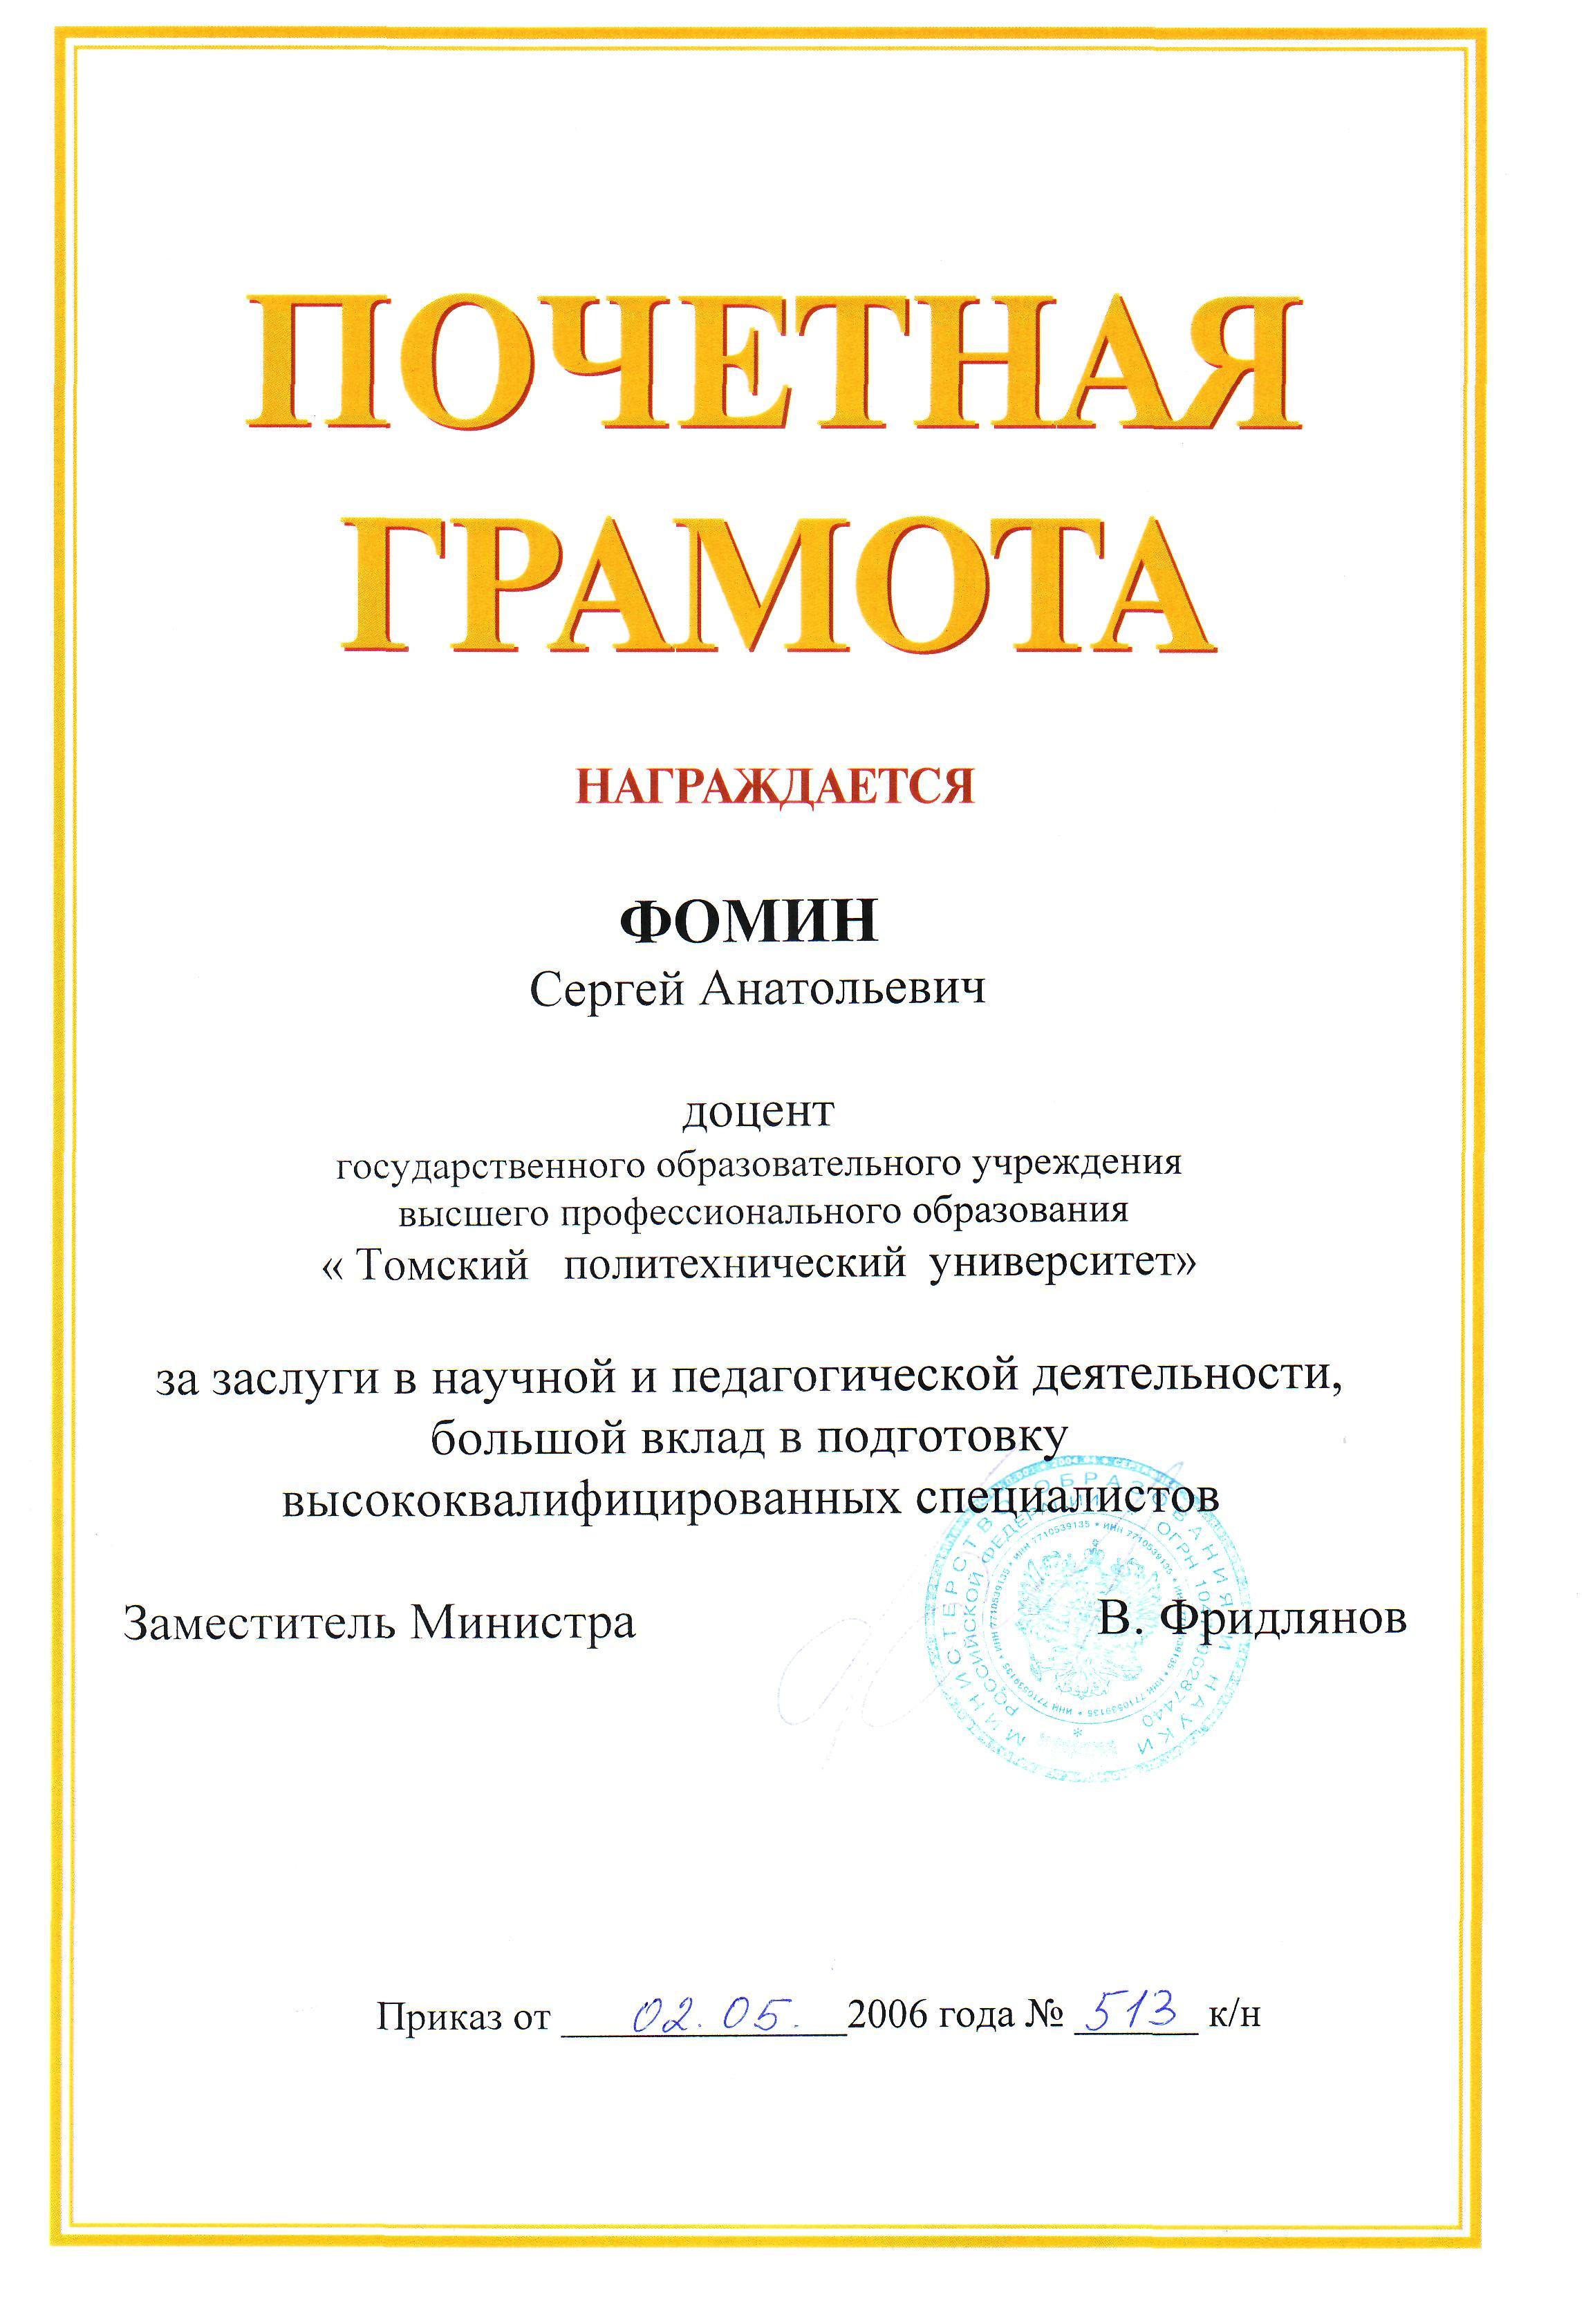 Характеристика на заместителя директора по увр на награждение грамотой министерства